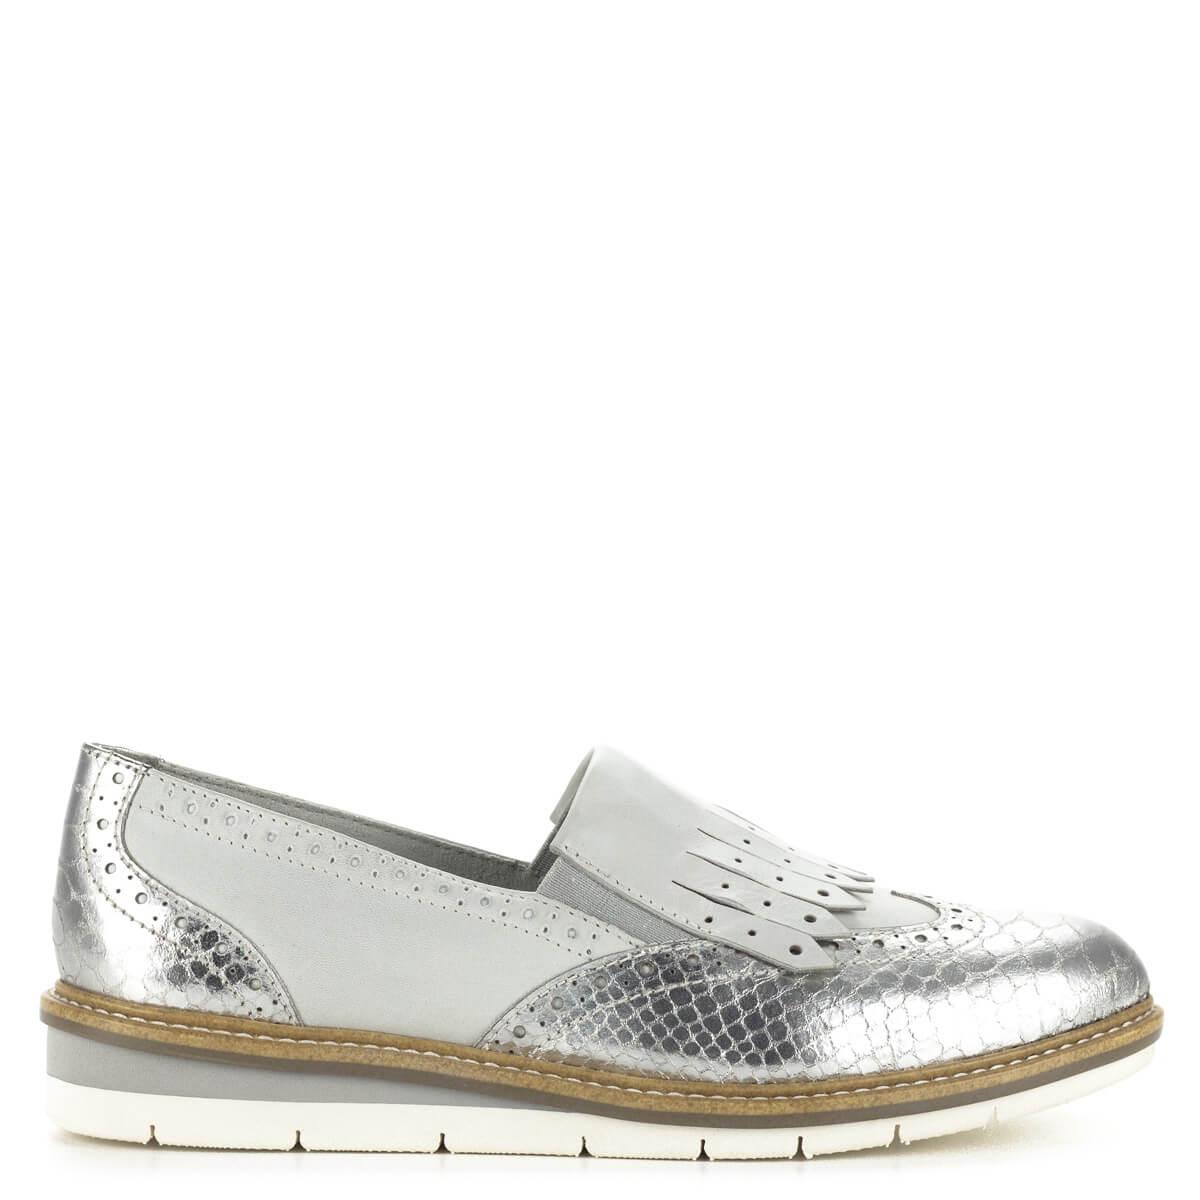 196e5c051b19 ... Tamaris női bőr cipő ezüst és törtfehér színben. Stílusos, divatos cipő  kényelmes, lapos